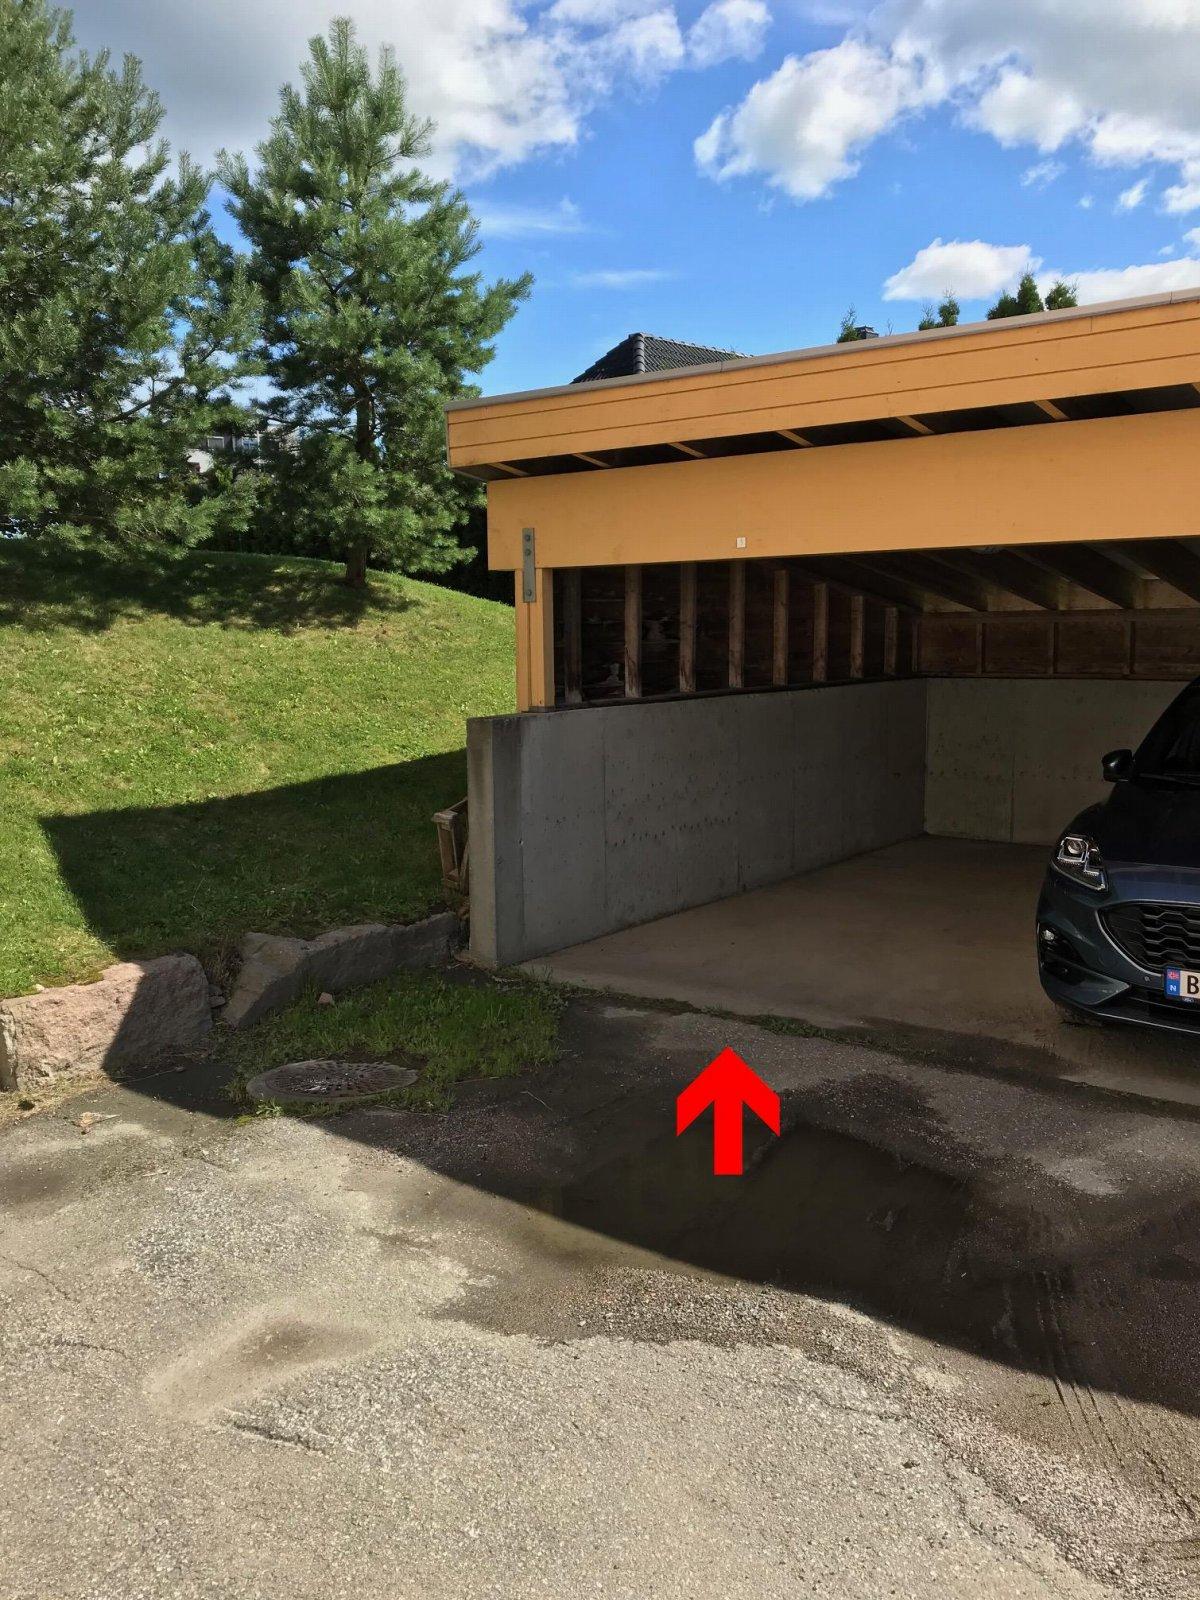 Parkering for 1 bil i carport rekke.